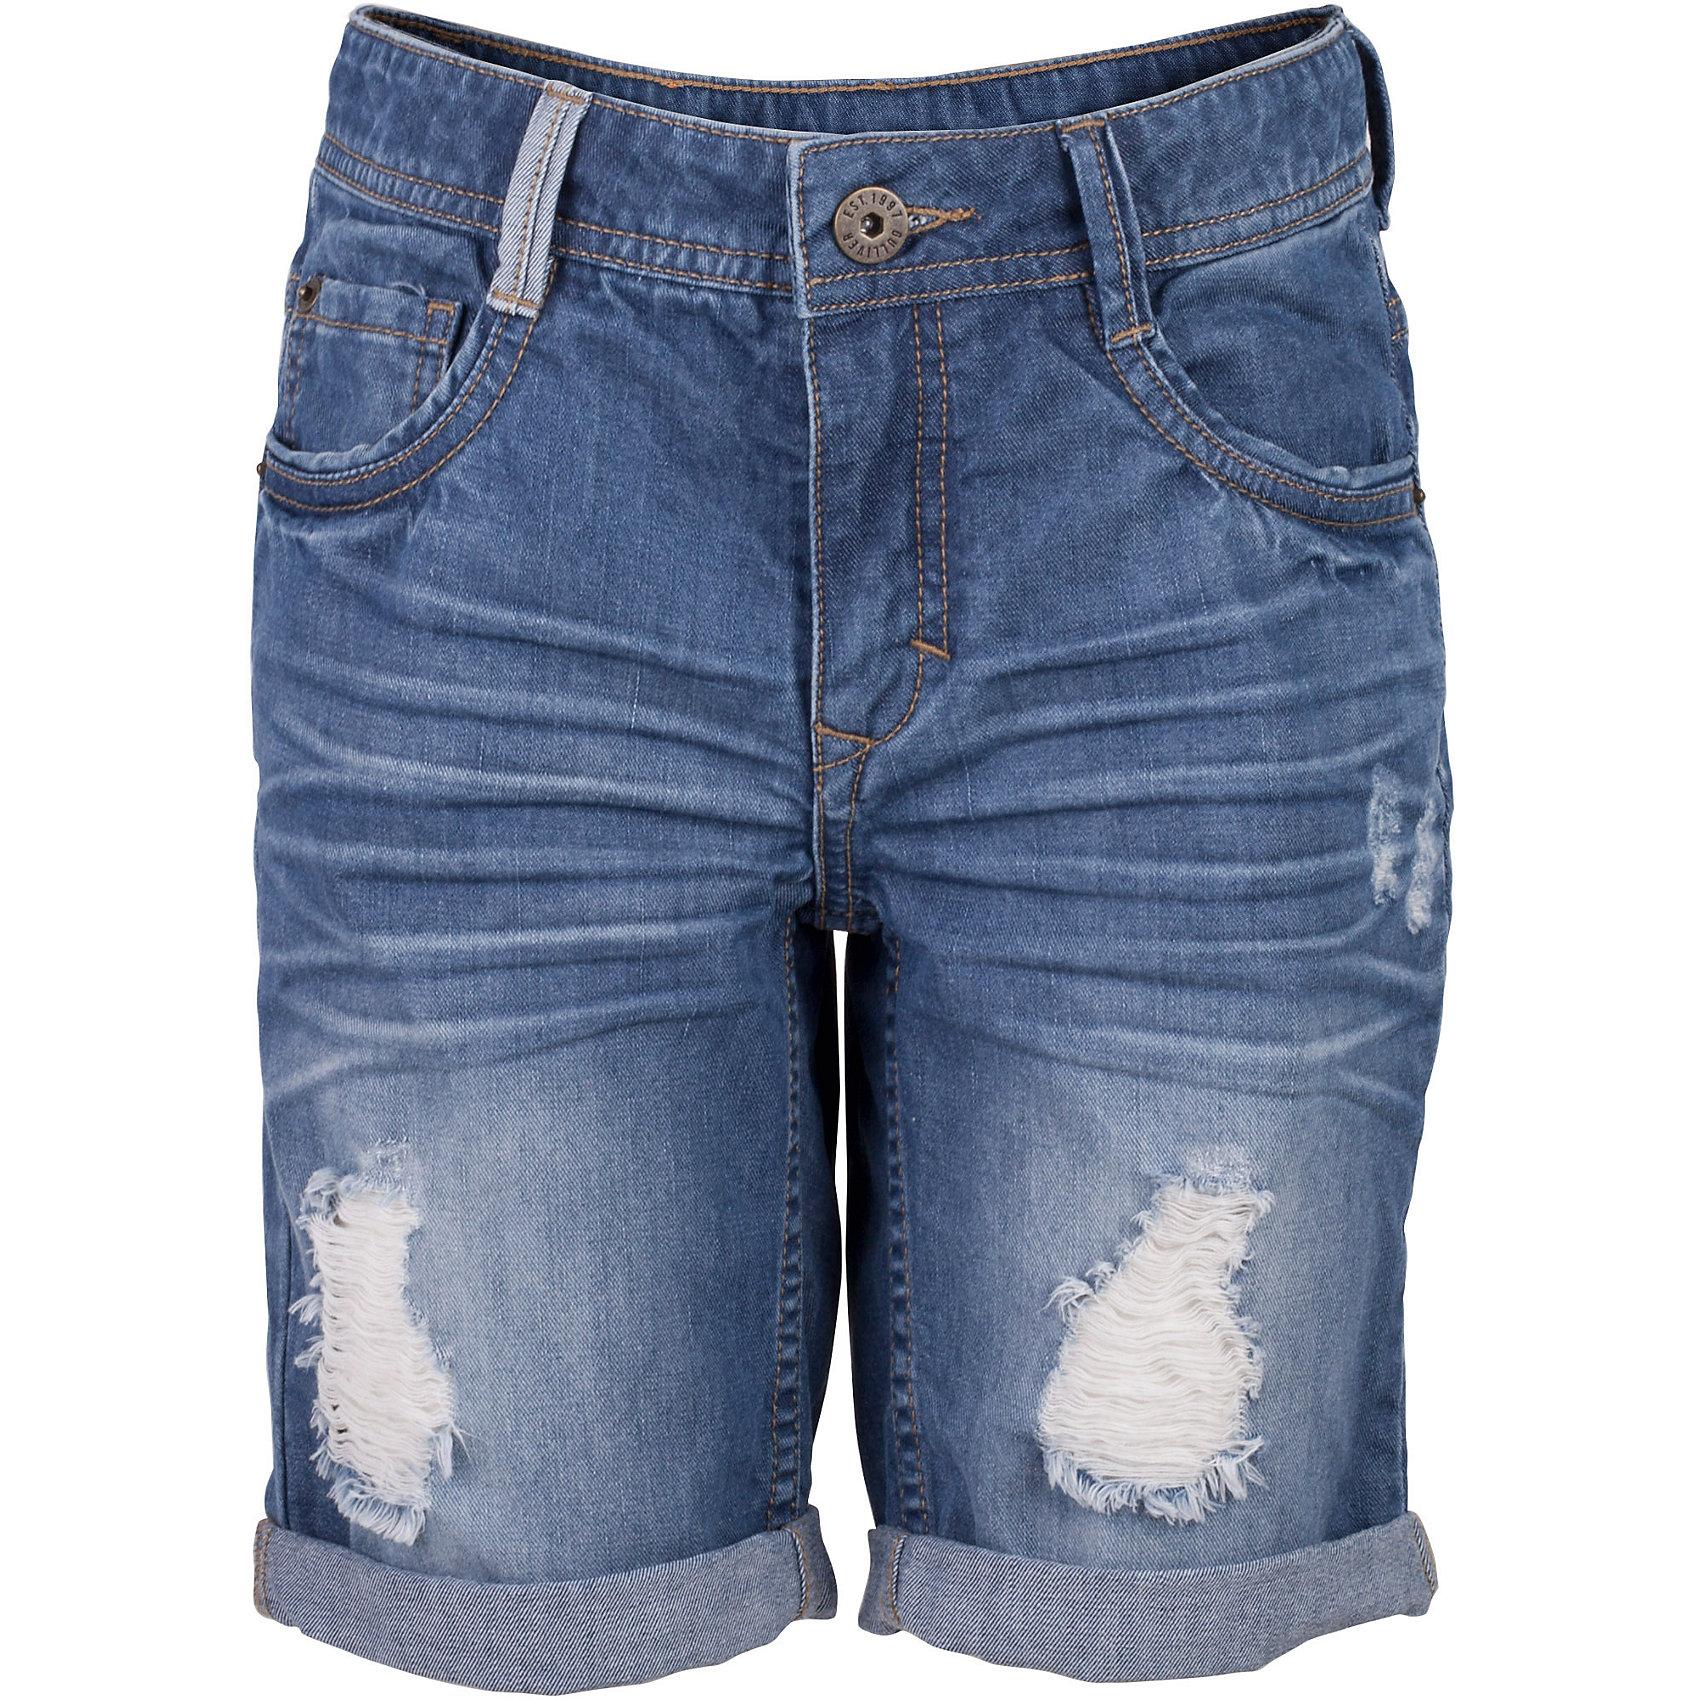 Шорты для мальчика GulliverДжинсовые шорты для мальчика - изделие из разряда must have! Во-первых, это стильный удобный элемент гардероба, идеально подходящий к любой футболке, майке, джемперу. Во-вторых, джинсовые шорты очень практичны, а значит, незаменимы для активных игр и долгих прогулок на свежем воздухе. Поклонники Gulliver, конечно, уже привыкли к интересным джинсовым изделиям. Но в каждом сезоне дизайнеры компании создают новые элементы и выразительные детали. Модная посадка изделия на фигуре, варка, повреждения, потертости, цветные брызги - у вас снова есть шанс купить классные джинсовые шорты от лучшего бренда детской одежды! Синие шорты для мальчика - оптимальное решение для яркого и комфортного лета!<br>Состав:<br>100% хлопок<br><br>Ширина мм: 191<br>Глубина мм: 10<br>Высота мм: 175<br>Вес г: 273<br>Цвет: синий<br>Возраст от месяцев: 108<br>Возраст до месяцев: 120<br>Пол: Мужской<br>Возраст: Детский<br>Размер: 140,122,128,134<br>SKU: 5482837